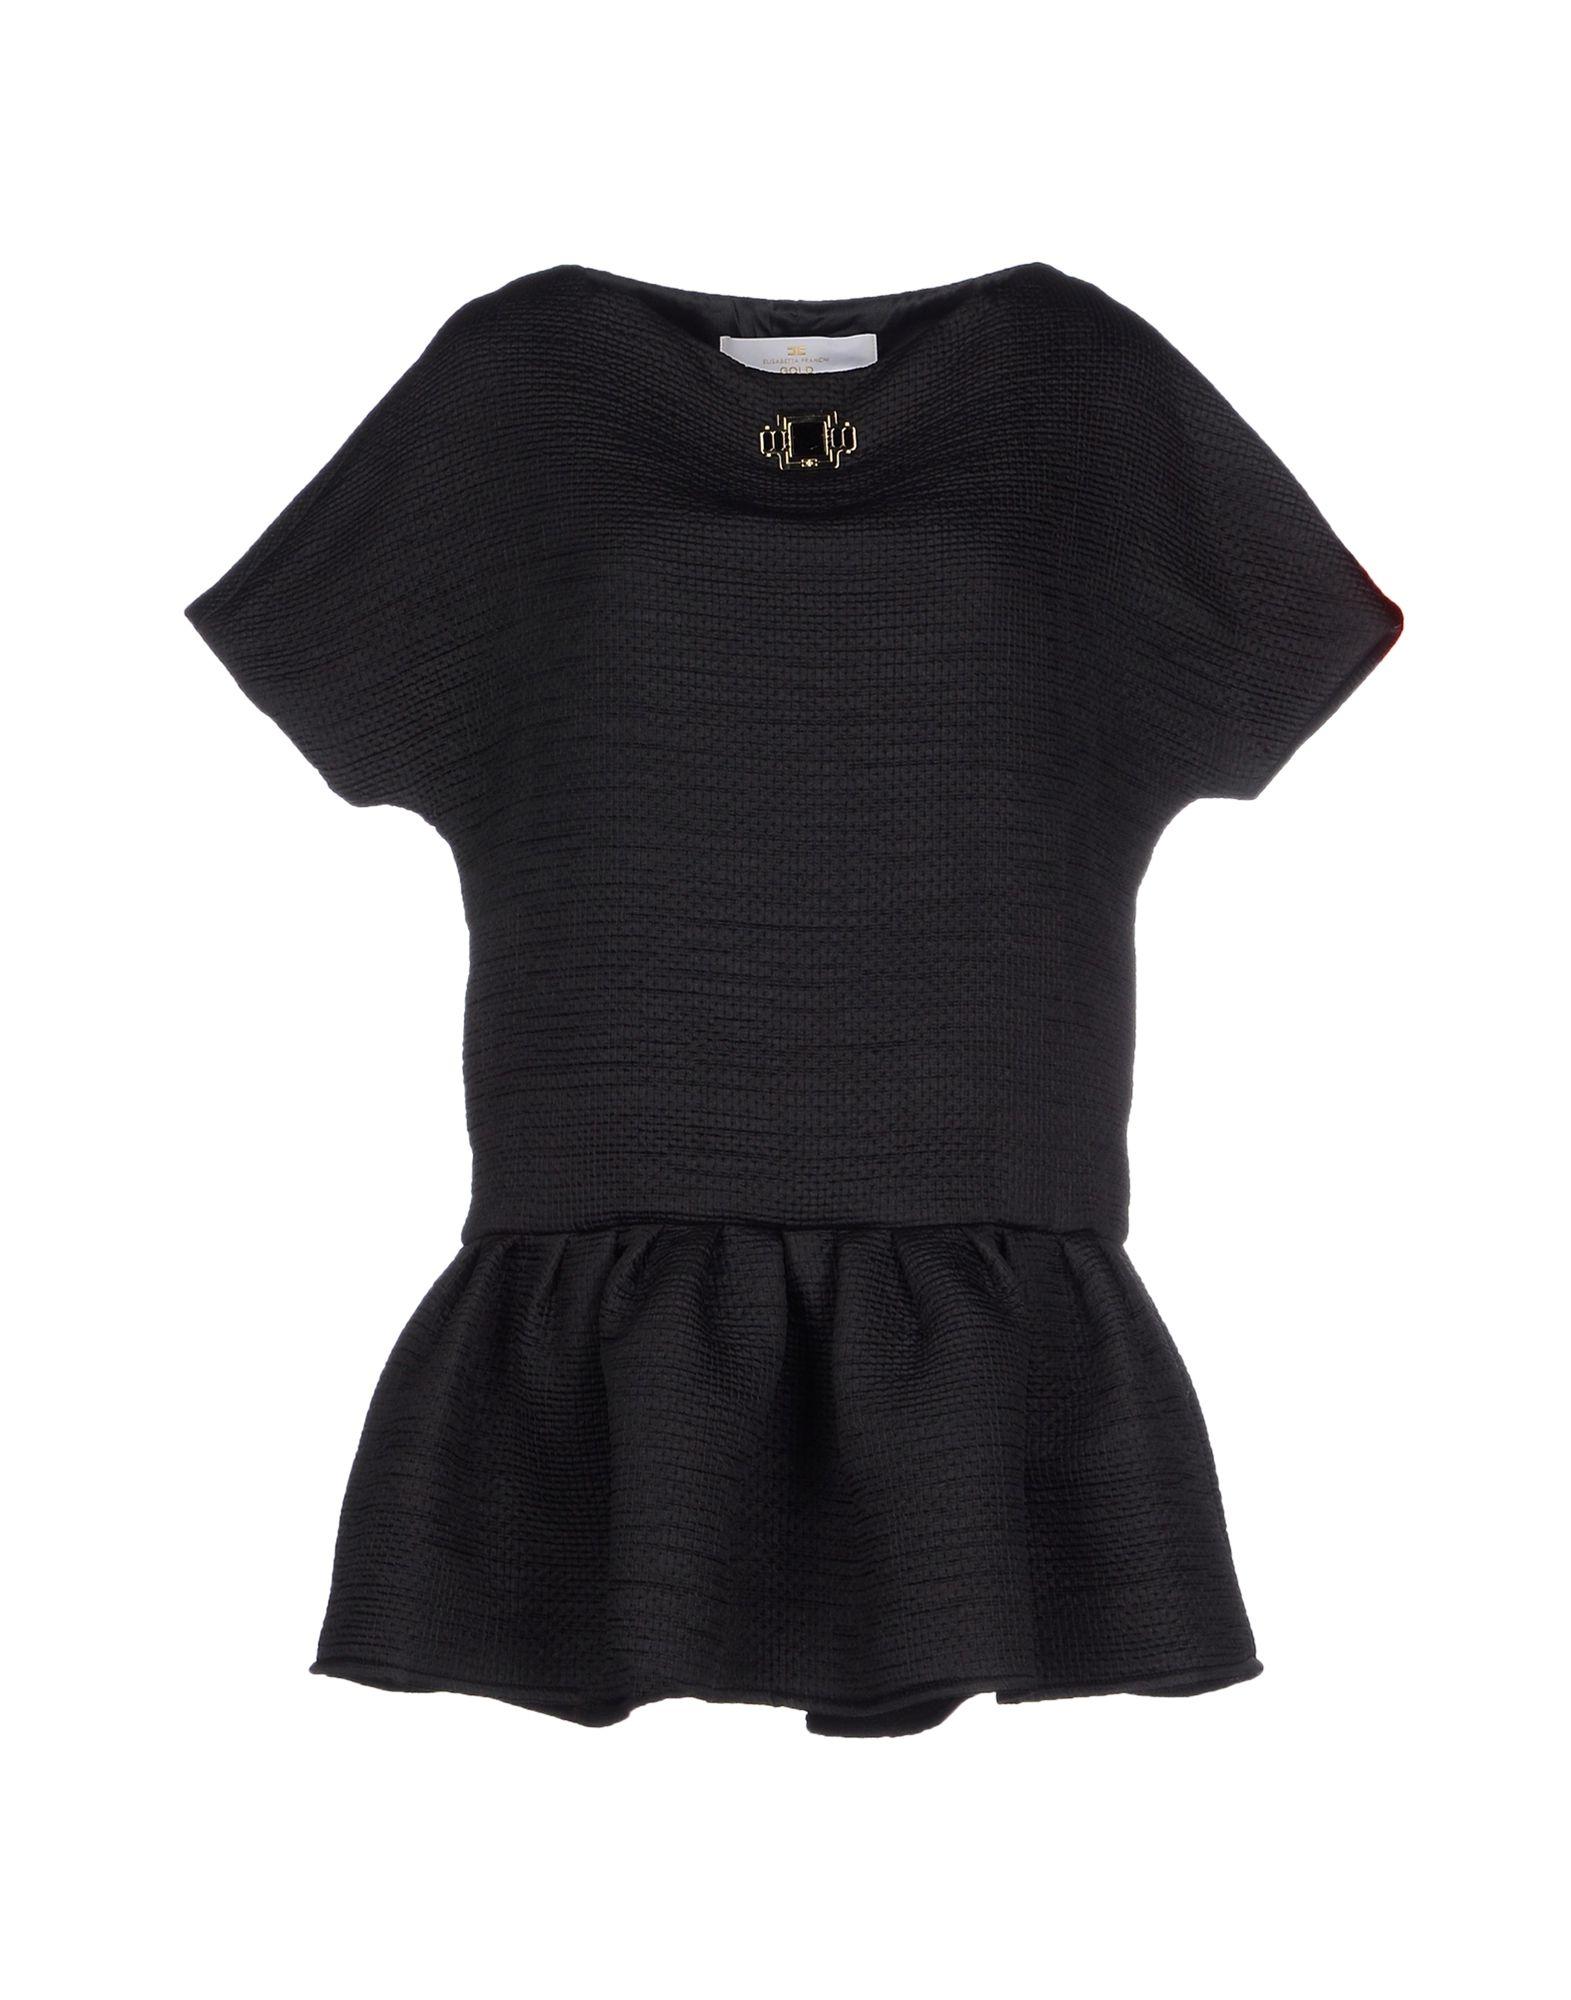 ELISABETTA FRANCHI GOLD Damen Kurzes Kleid Farbe Schwarz Größe 4